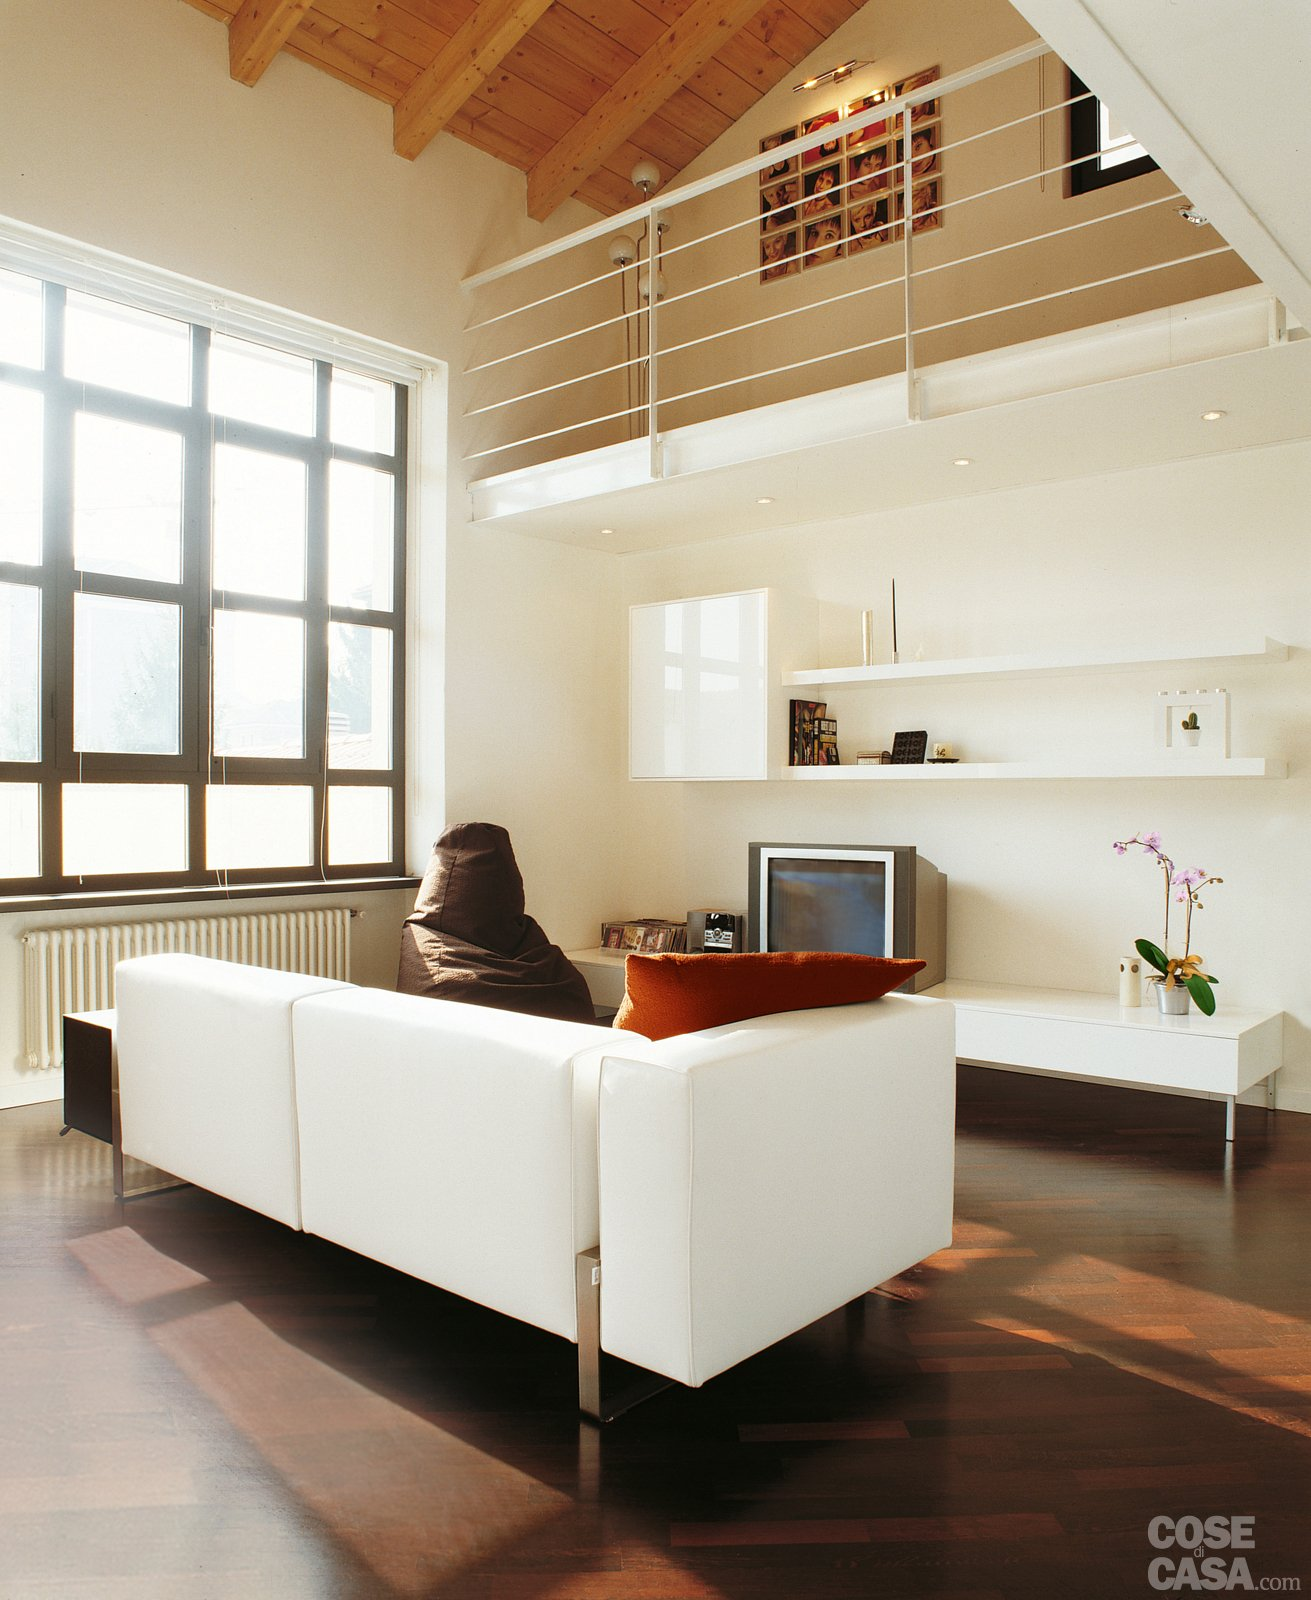 Una casa a doppia altezza con soppalco di 70 mq cose di casa for Piano di costruzione in legno soppalco